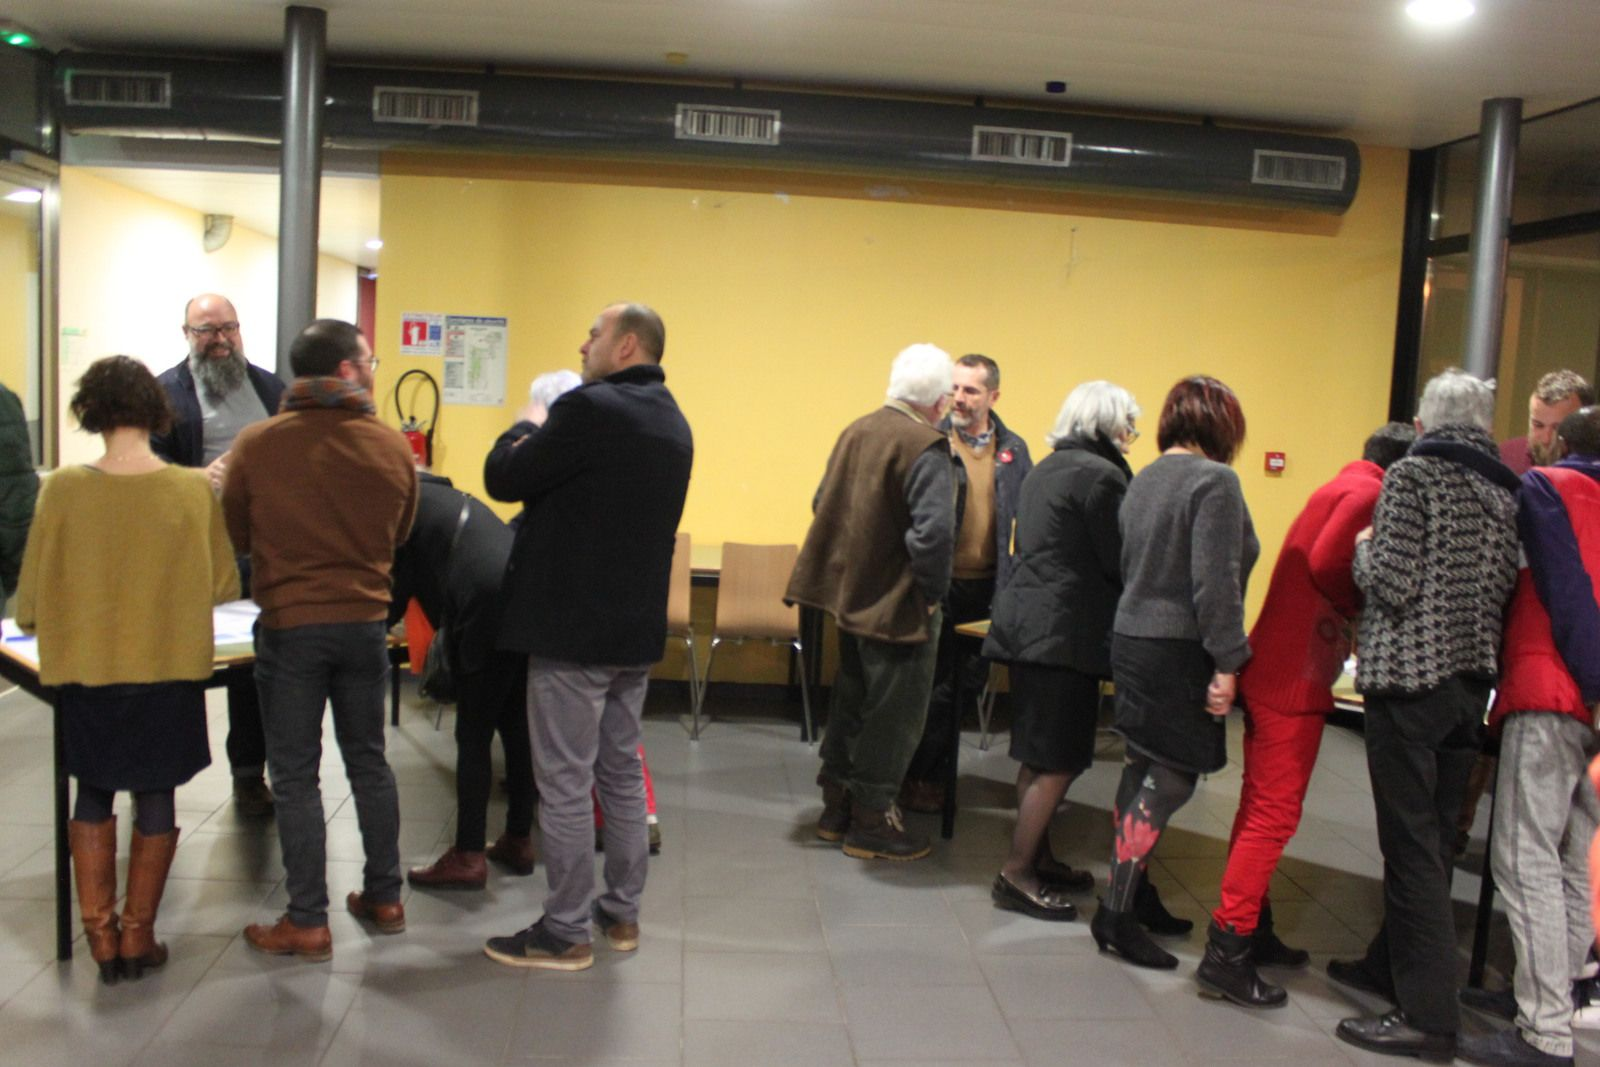 Mieux vivre en vivre - L'atelier participatif de Morlaix Ensemble le 6 février à l'auberge de jeunesse - Photos Jean-Luc Le Calvez